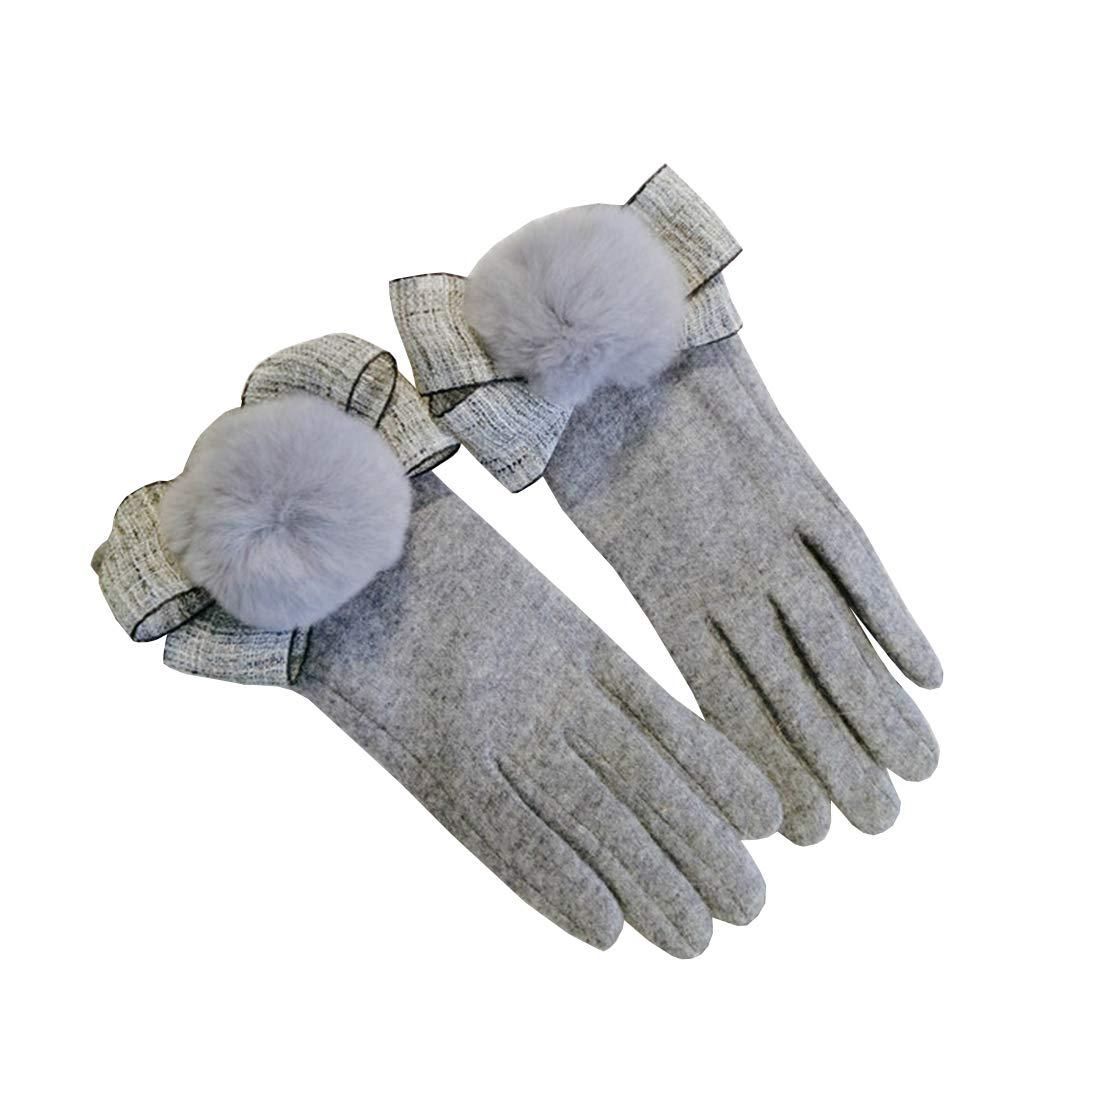 MAGAI Frauen-warme Handschuhe beugen Hairball-Dekoration reizendes im Freien, Das Herbst Winter reitet B07JZ4KR93 Handwrmer Jeder beschriebene Artikel ist verfügbar